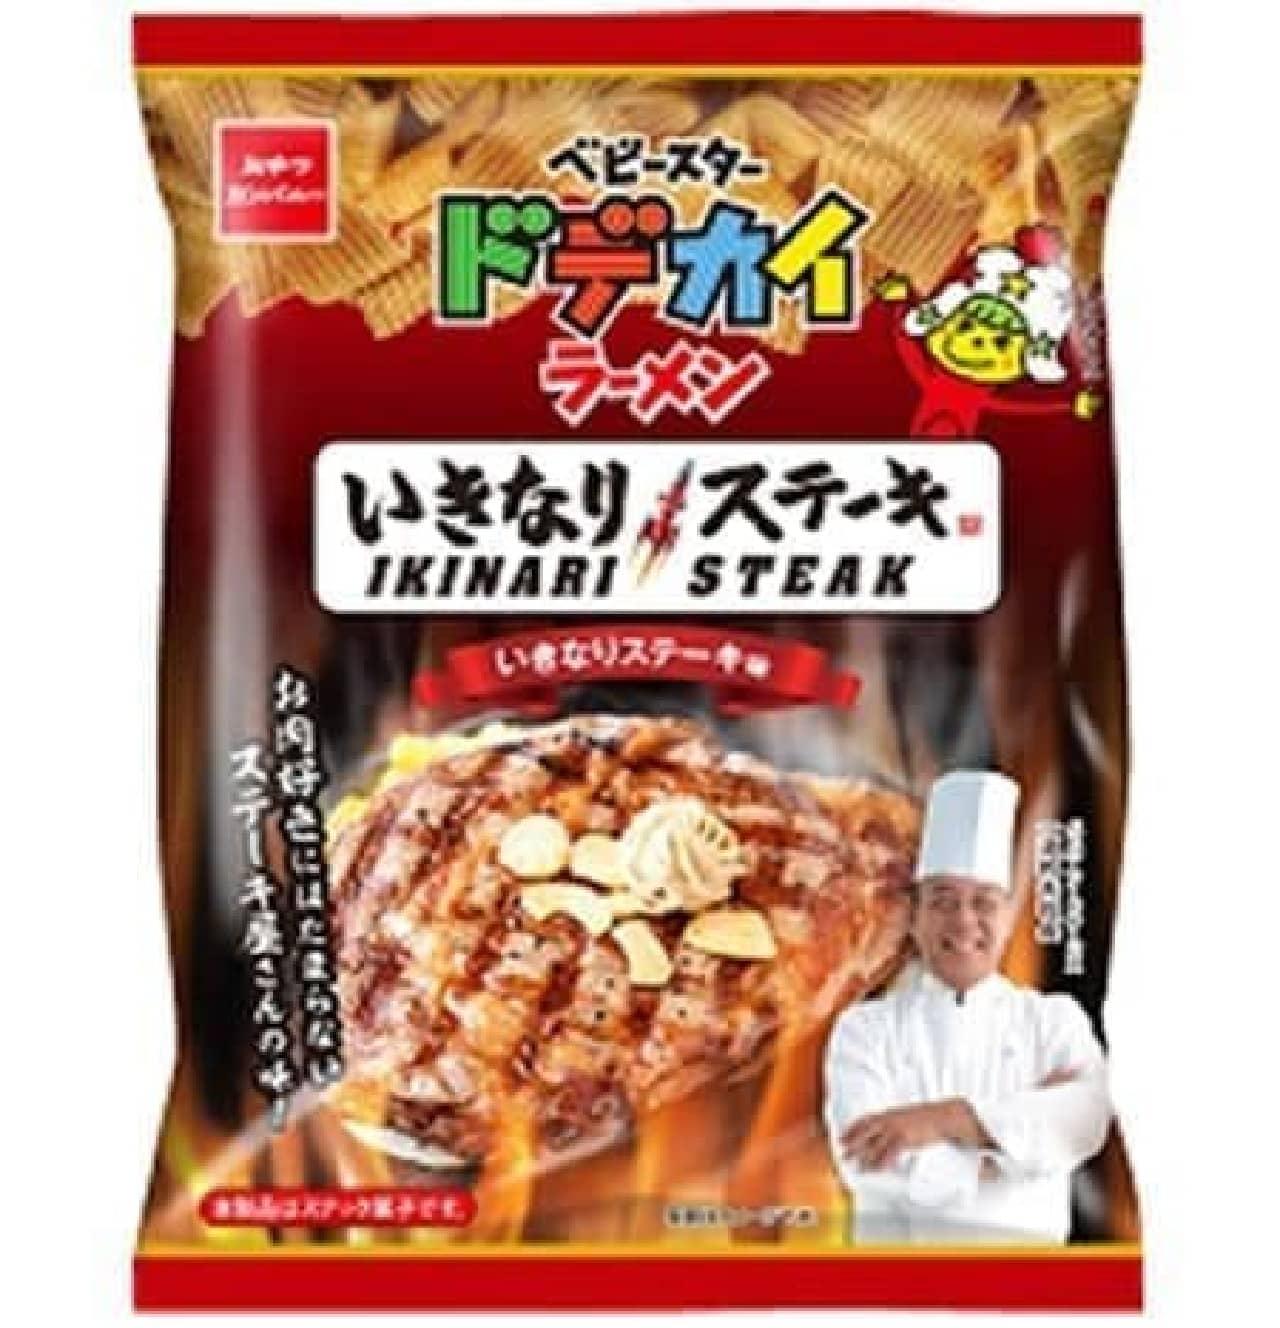 ベビースタードデカイラーメン(いきなりステーキ味)は、特製ソースをたっぷりまとったステーキをイメージしたスナック菓子